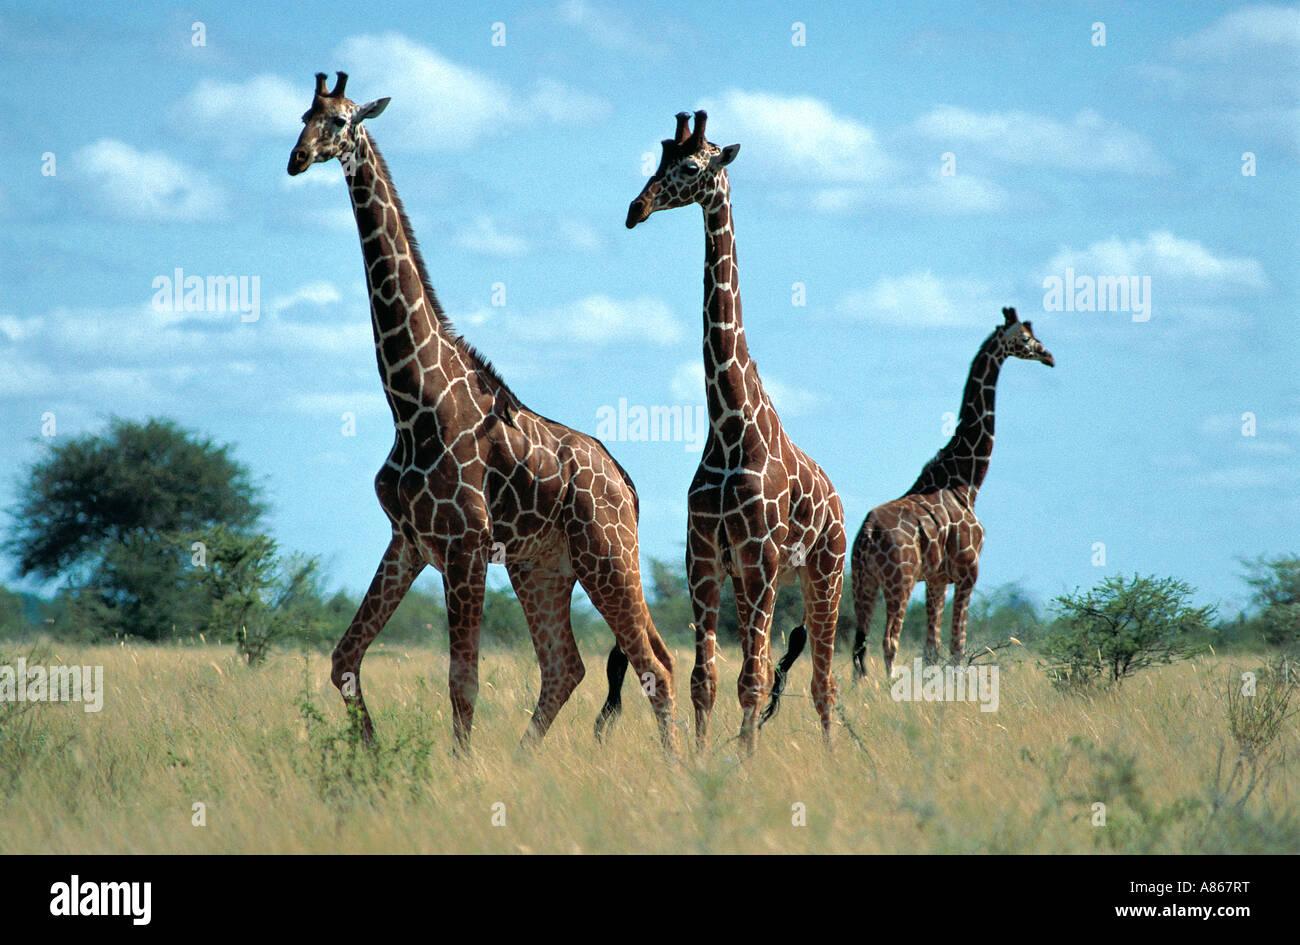 Tre Giraffe reticolate Parco nazionale di Meru Kenya Immagini Stock